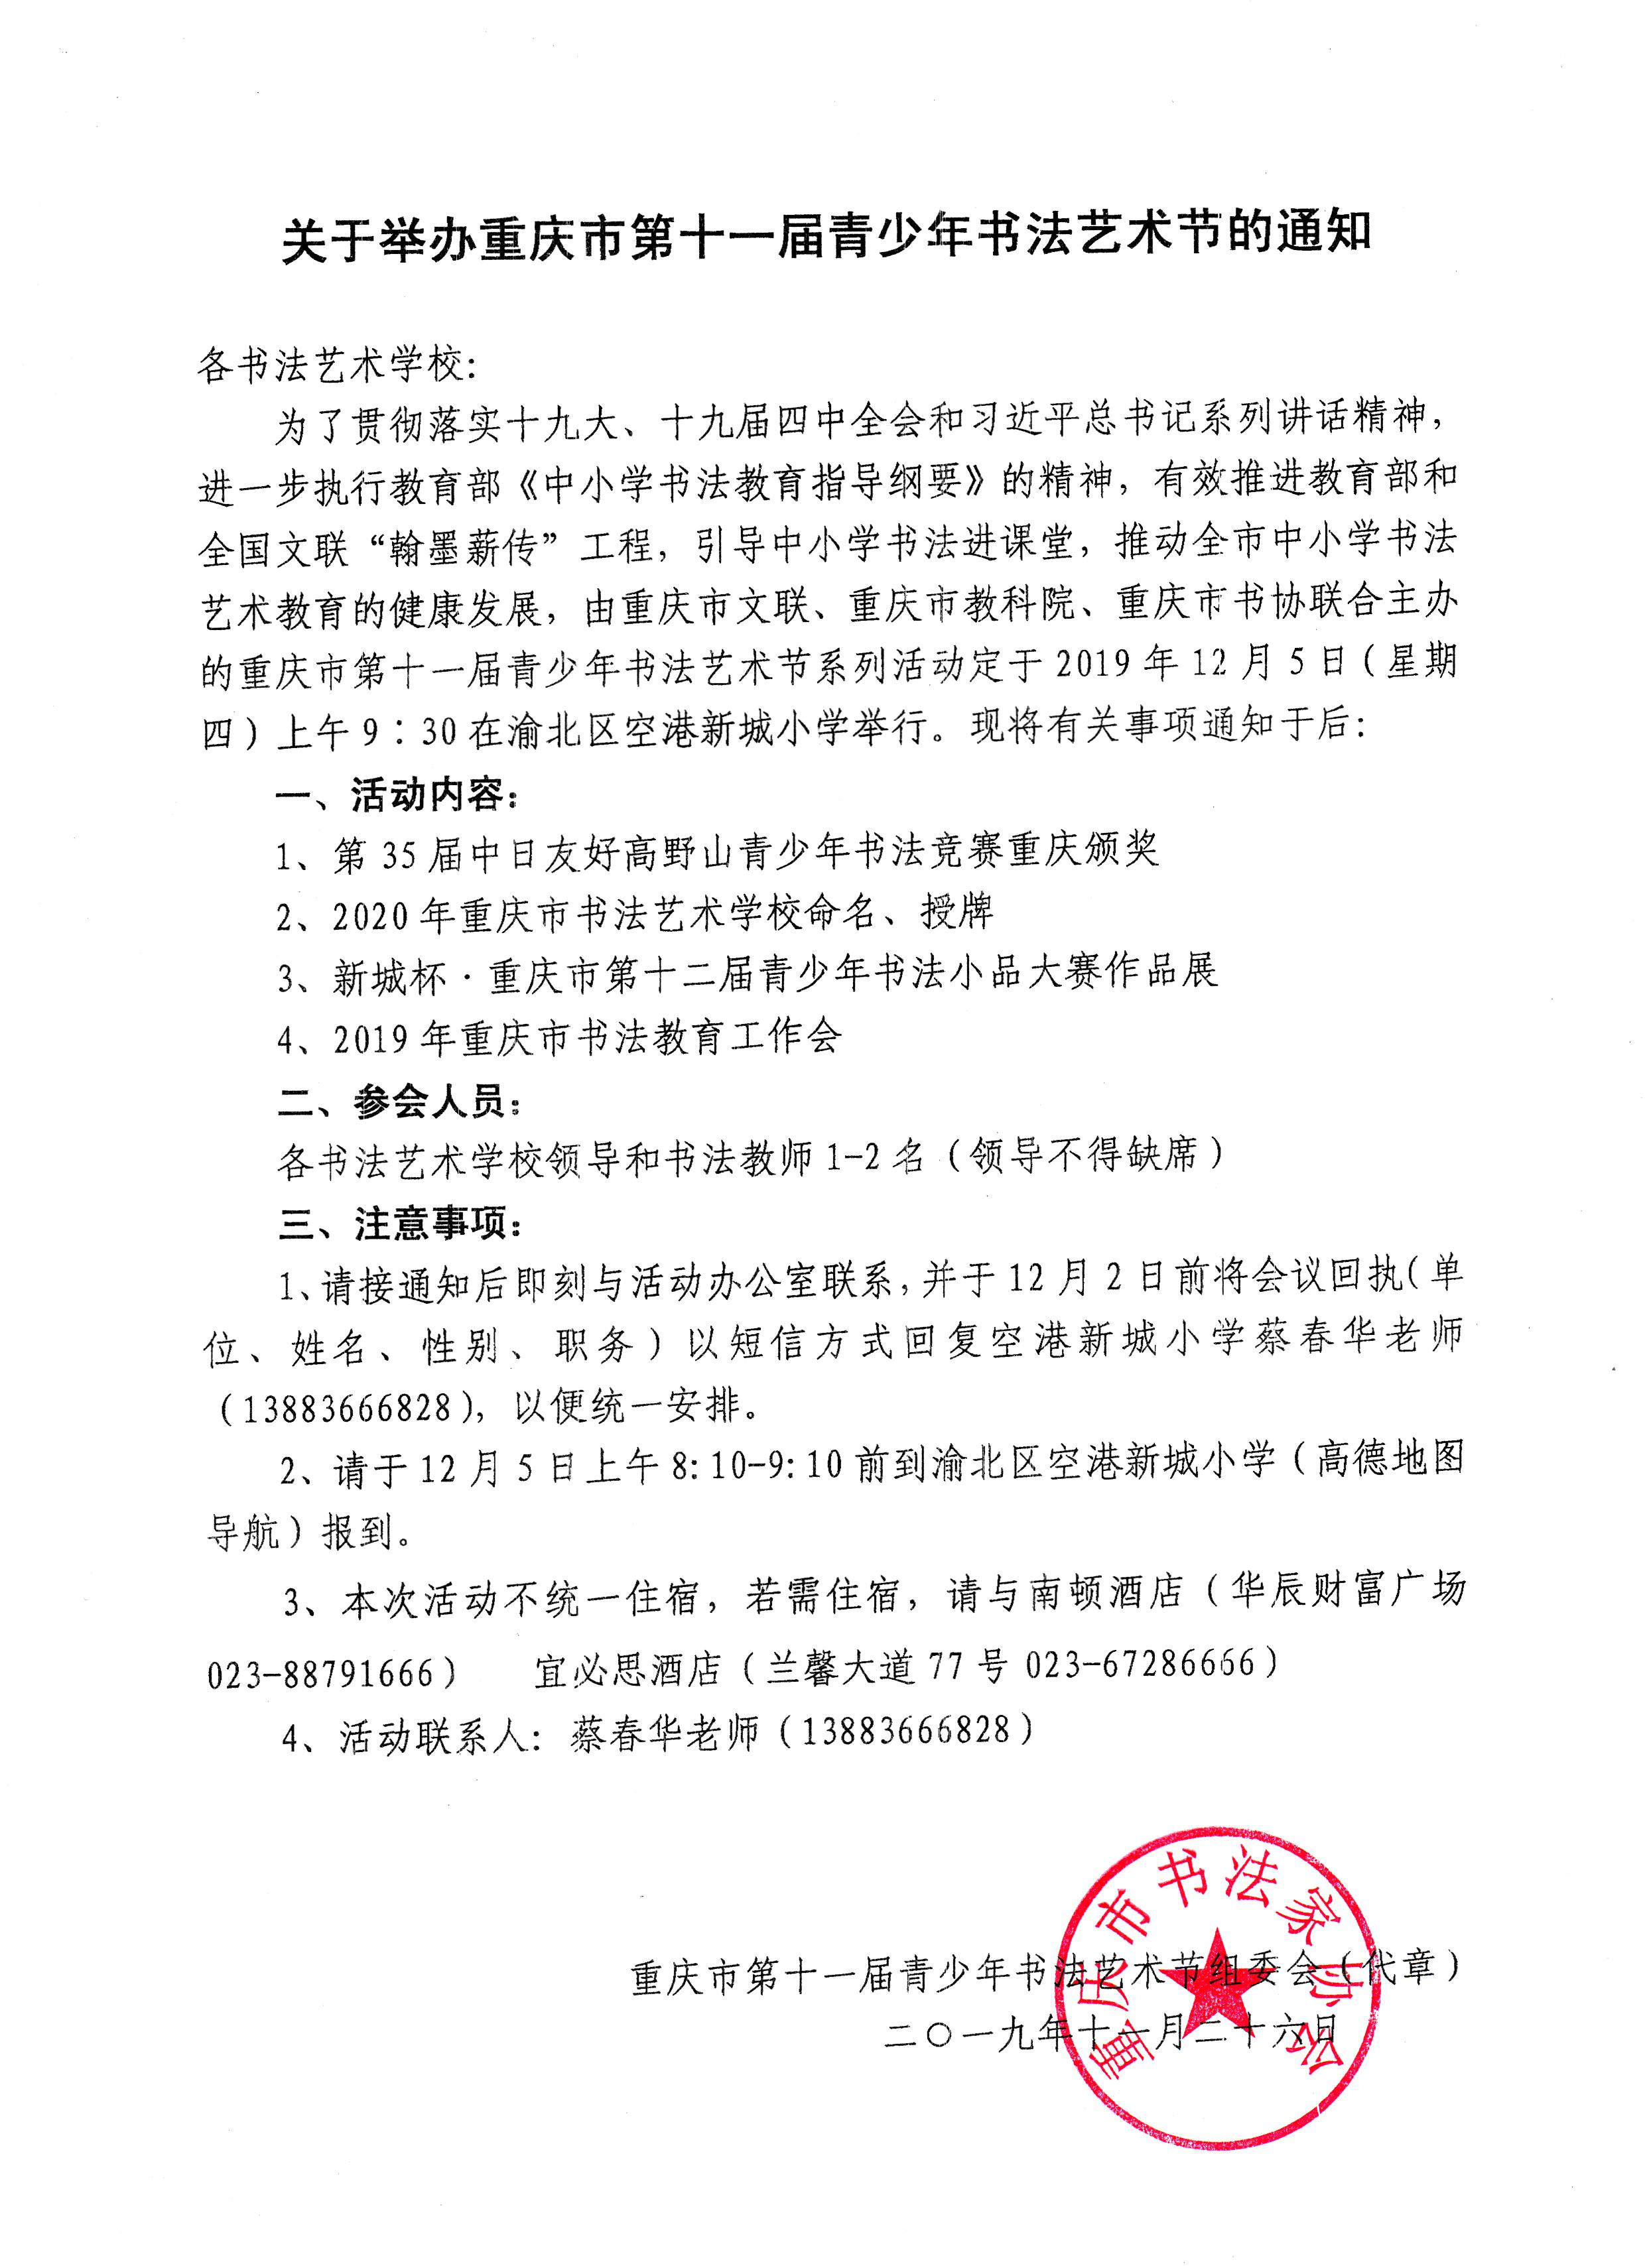 關於舉辦重慶市第十一屆青少年書法藝術節的通知